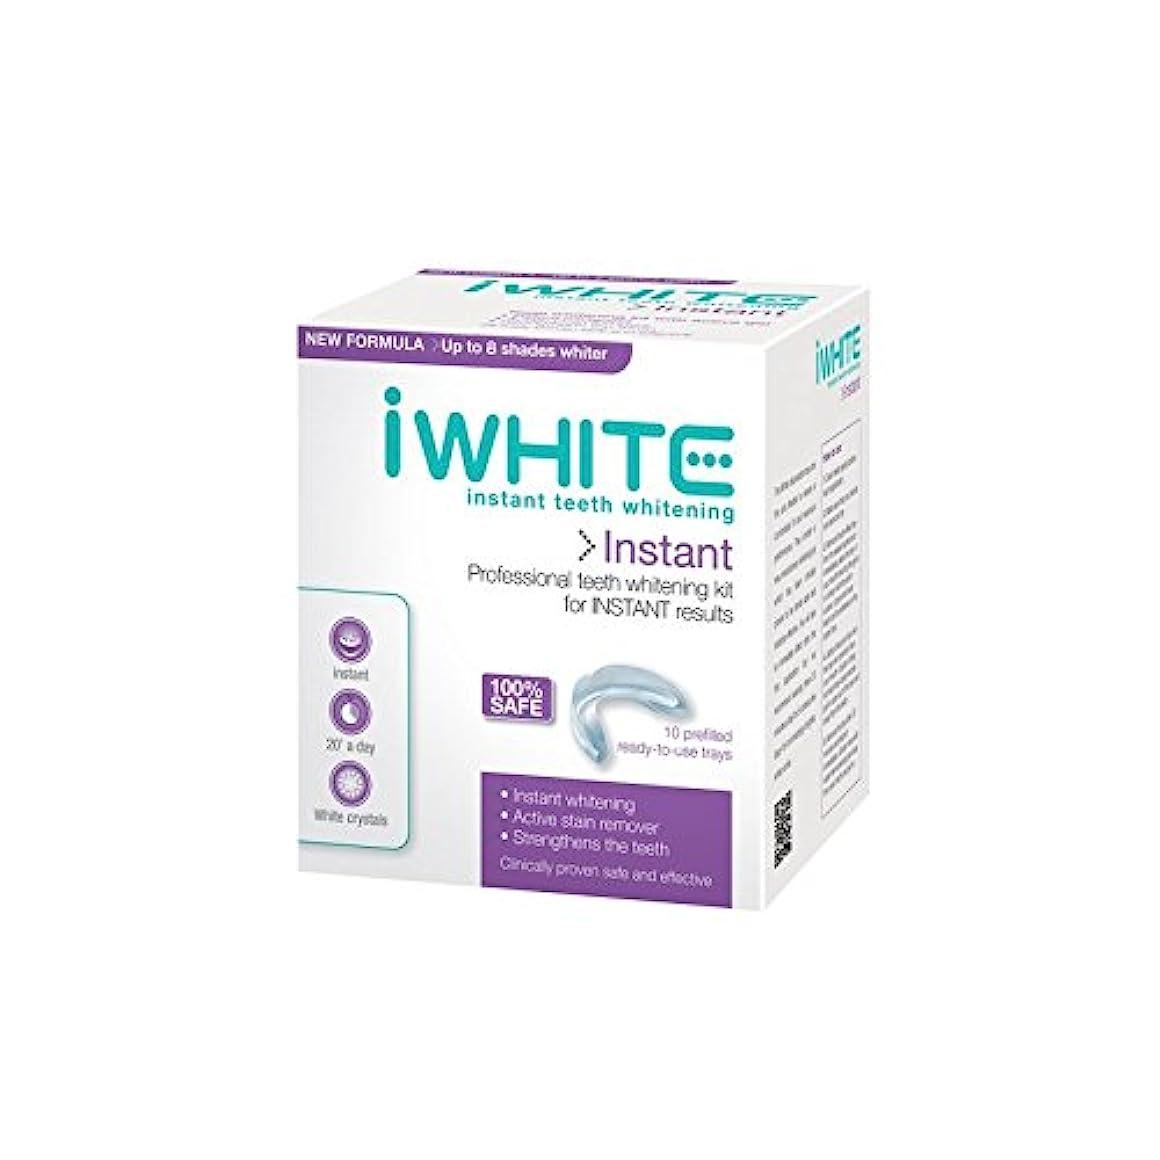 ブランド名ビュッフェアレイiWhite Instant Professional Teeth Whitening Kit (10 Trays) (Pack of 6) - キットを白くするインスタントプロの歯(10個のトレー) x6 [並行輸入品]